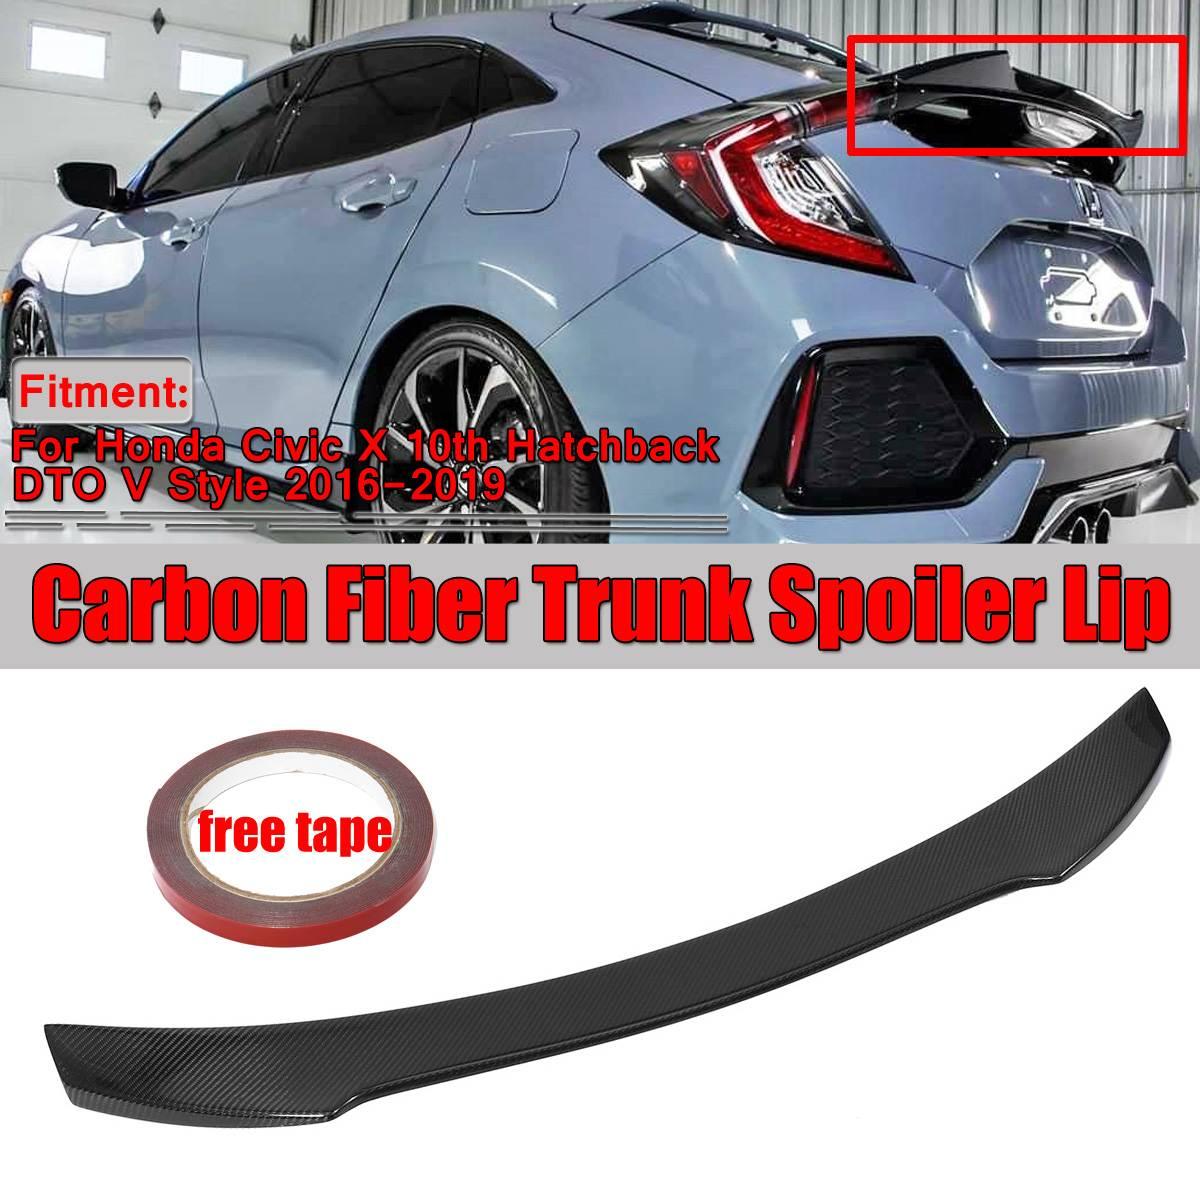 1 X real fibra de carbono maletero del coche ala trasera del alerón del techo labio para Honda para Civic X 10 Hatchback DTO V estilo 2016-2019 ala Sopiler